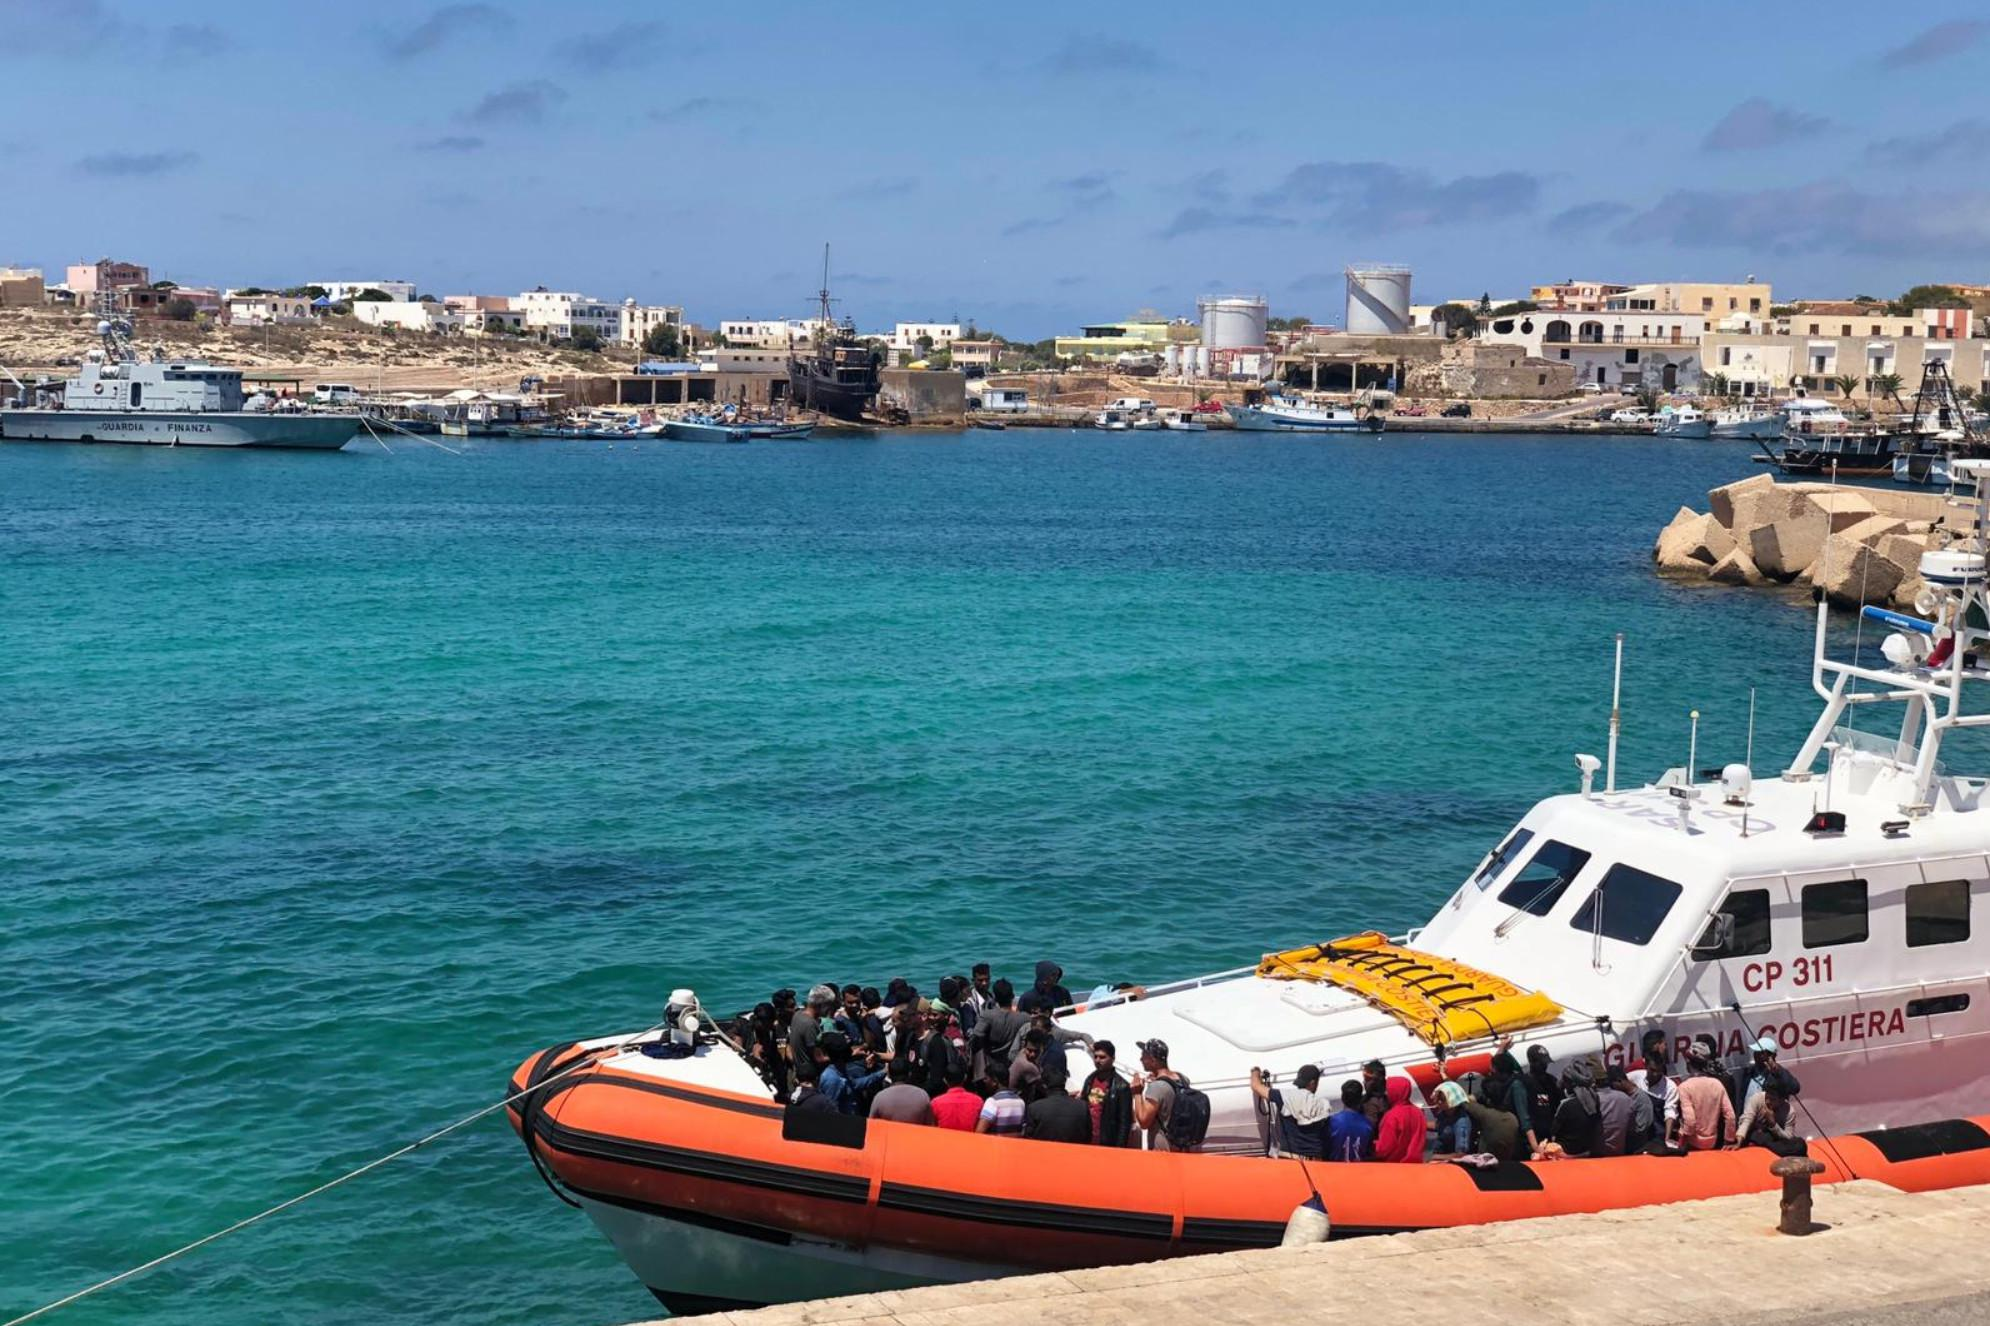 Migranti: in 5 arrivano al molo di Lampedusa, 305 in hotspot